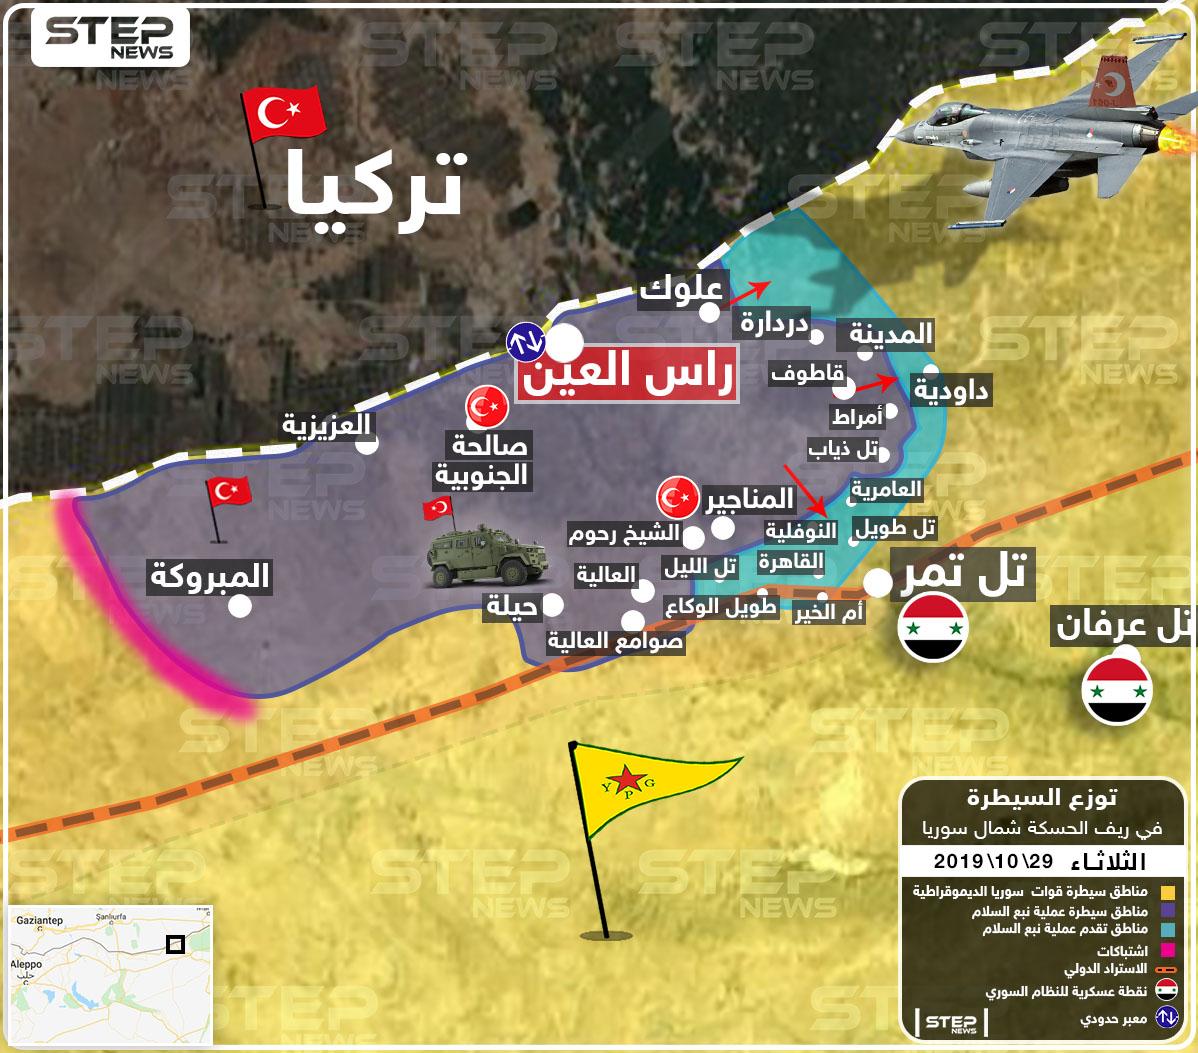 خريطة تظهر تقدم المعارضة السورية في الحسكة على حساب قسد